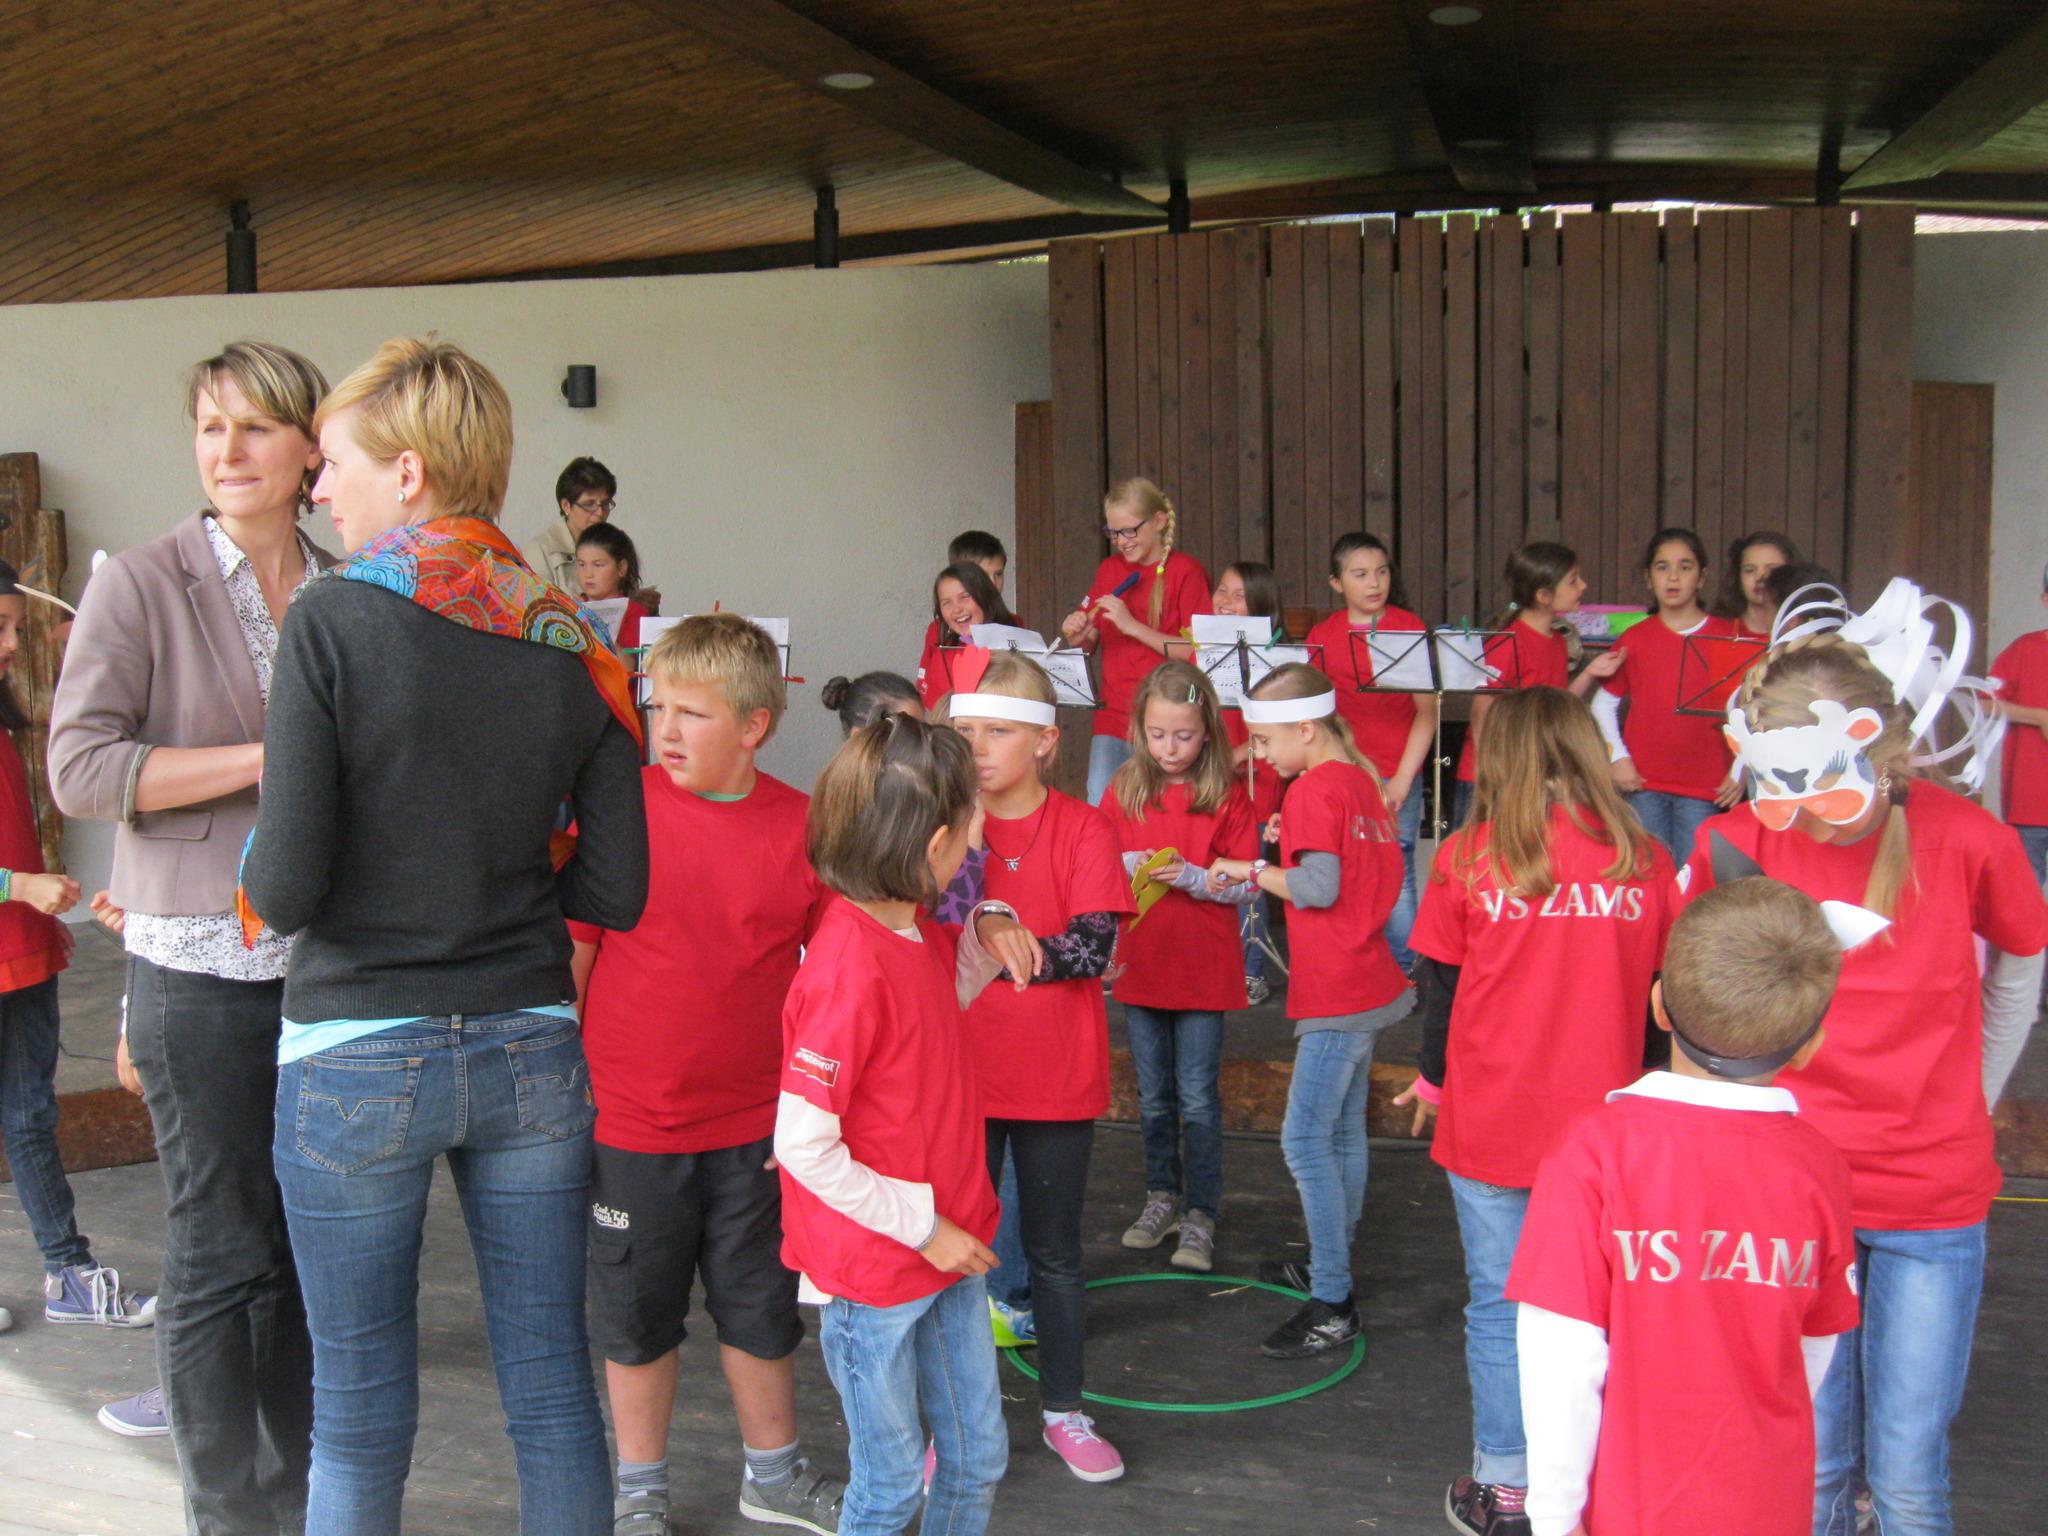 PDAGOGISCHE EINRICHTUNGEN - Mutterhaus Zams